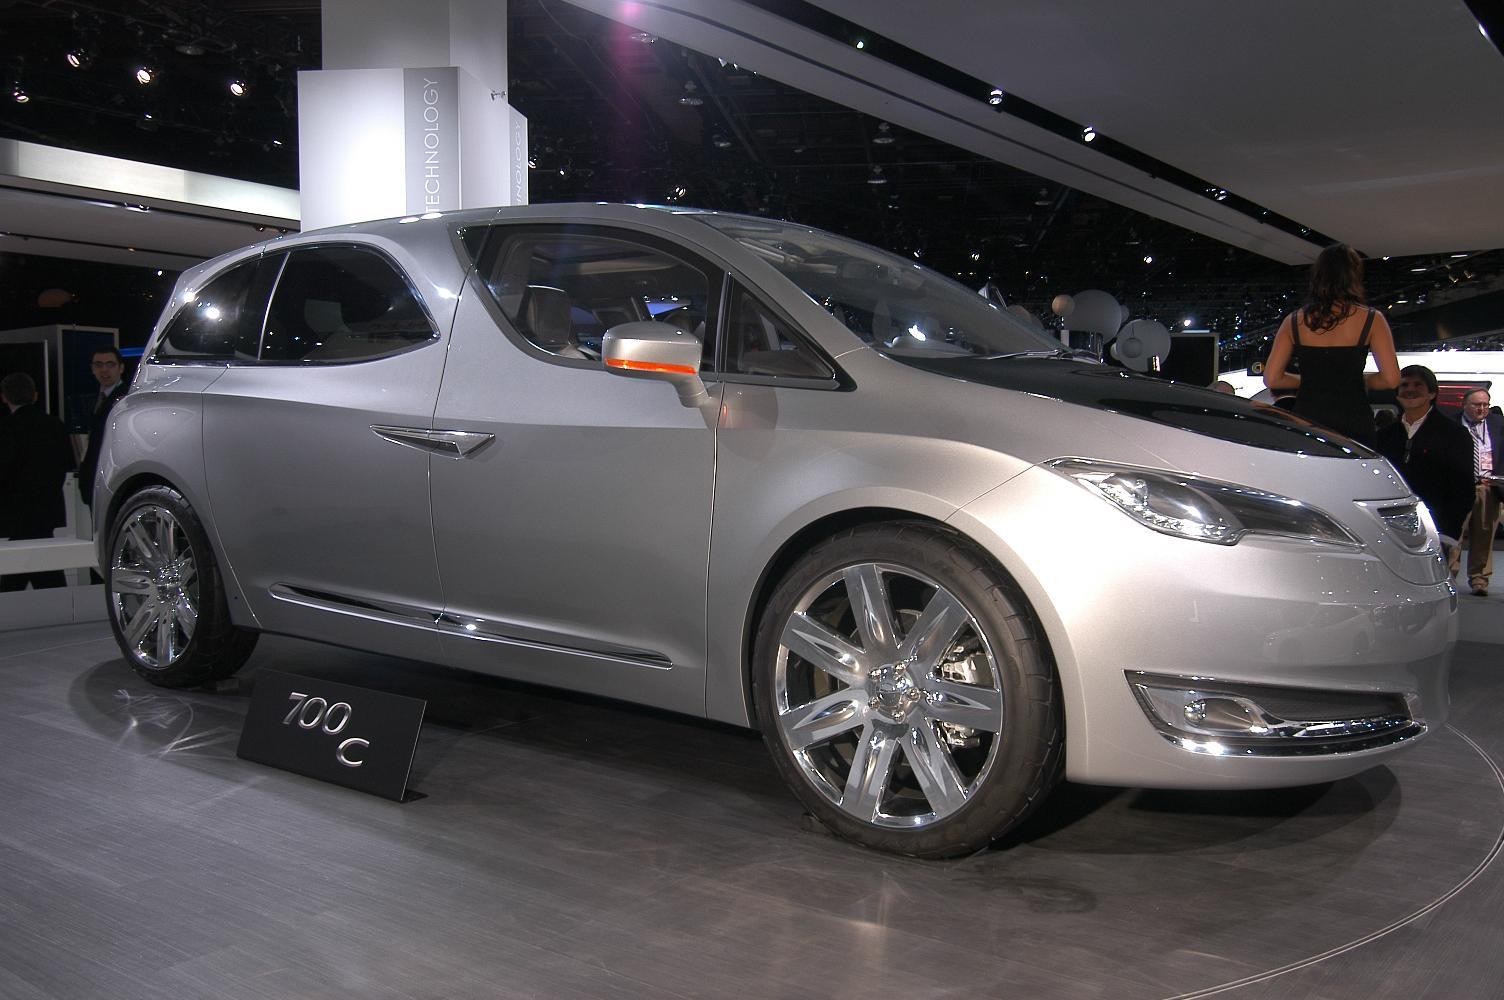 Chrysler 700C NAIAS 2012 4